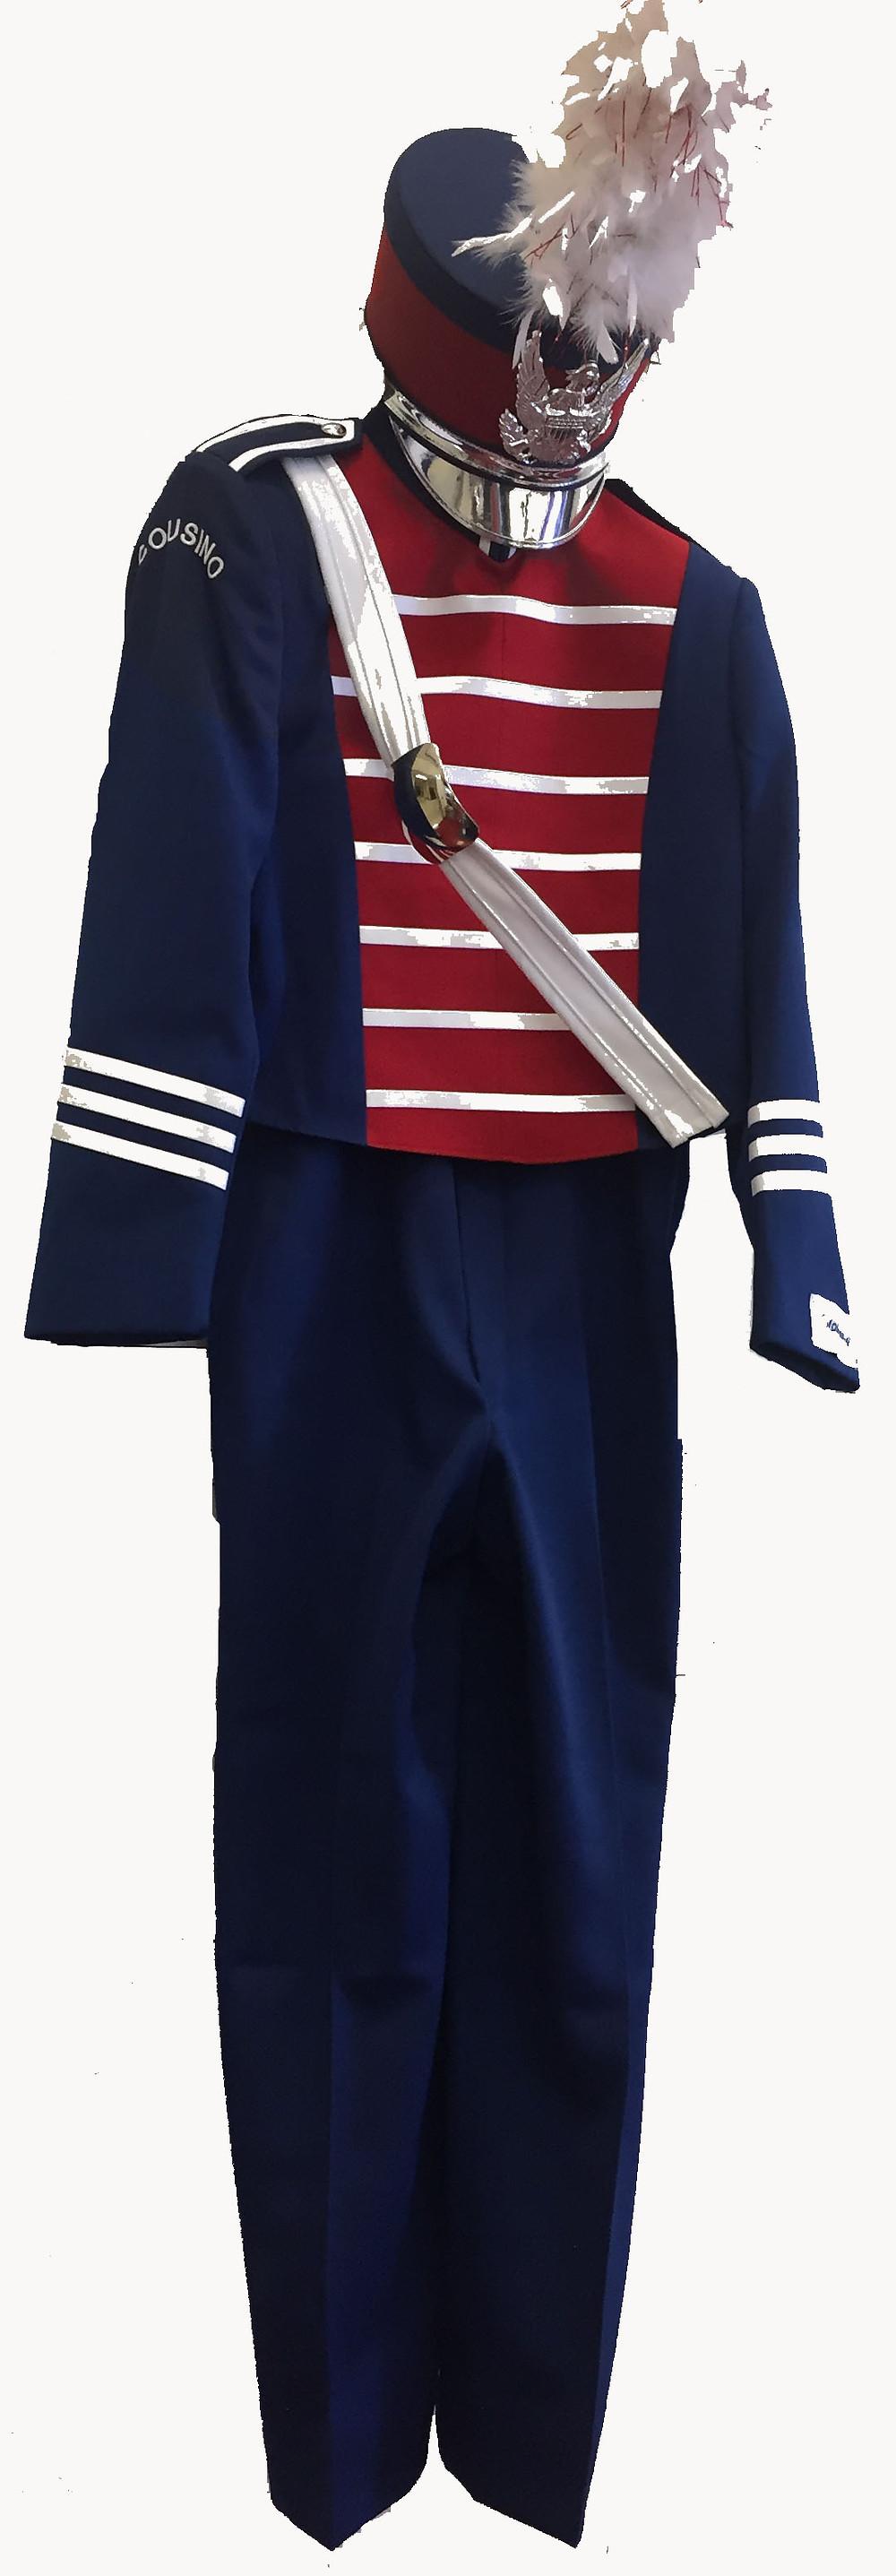 Uniform Raffle